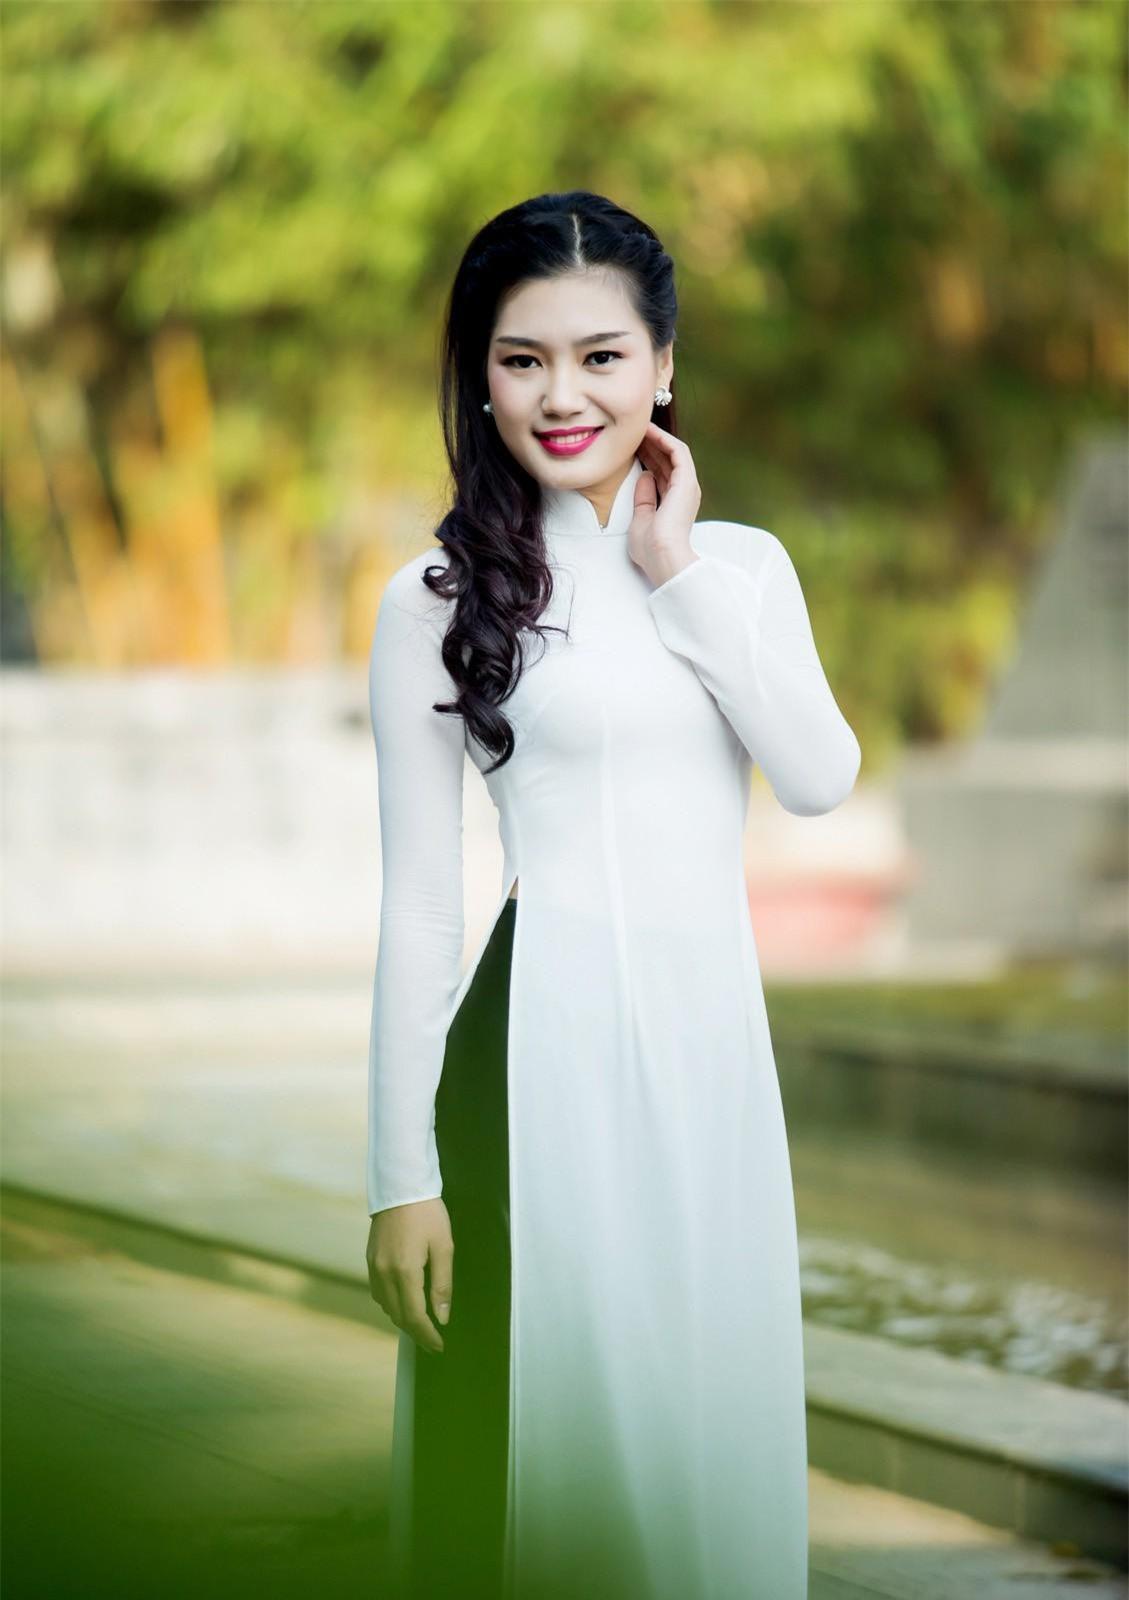 Vóc dáng nóng bỏng của Đỗ Thị Hà và những người đẹp xứ Thanh từng dự thi Hoa hậu Việt Nam ảnh 11